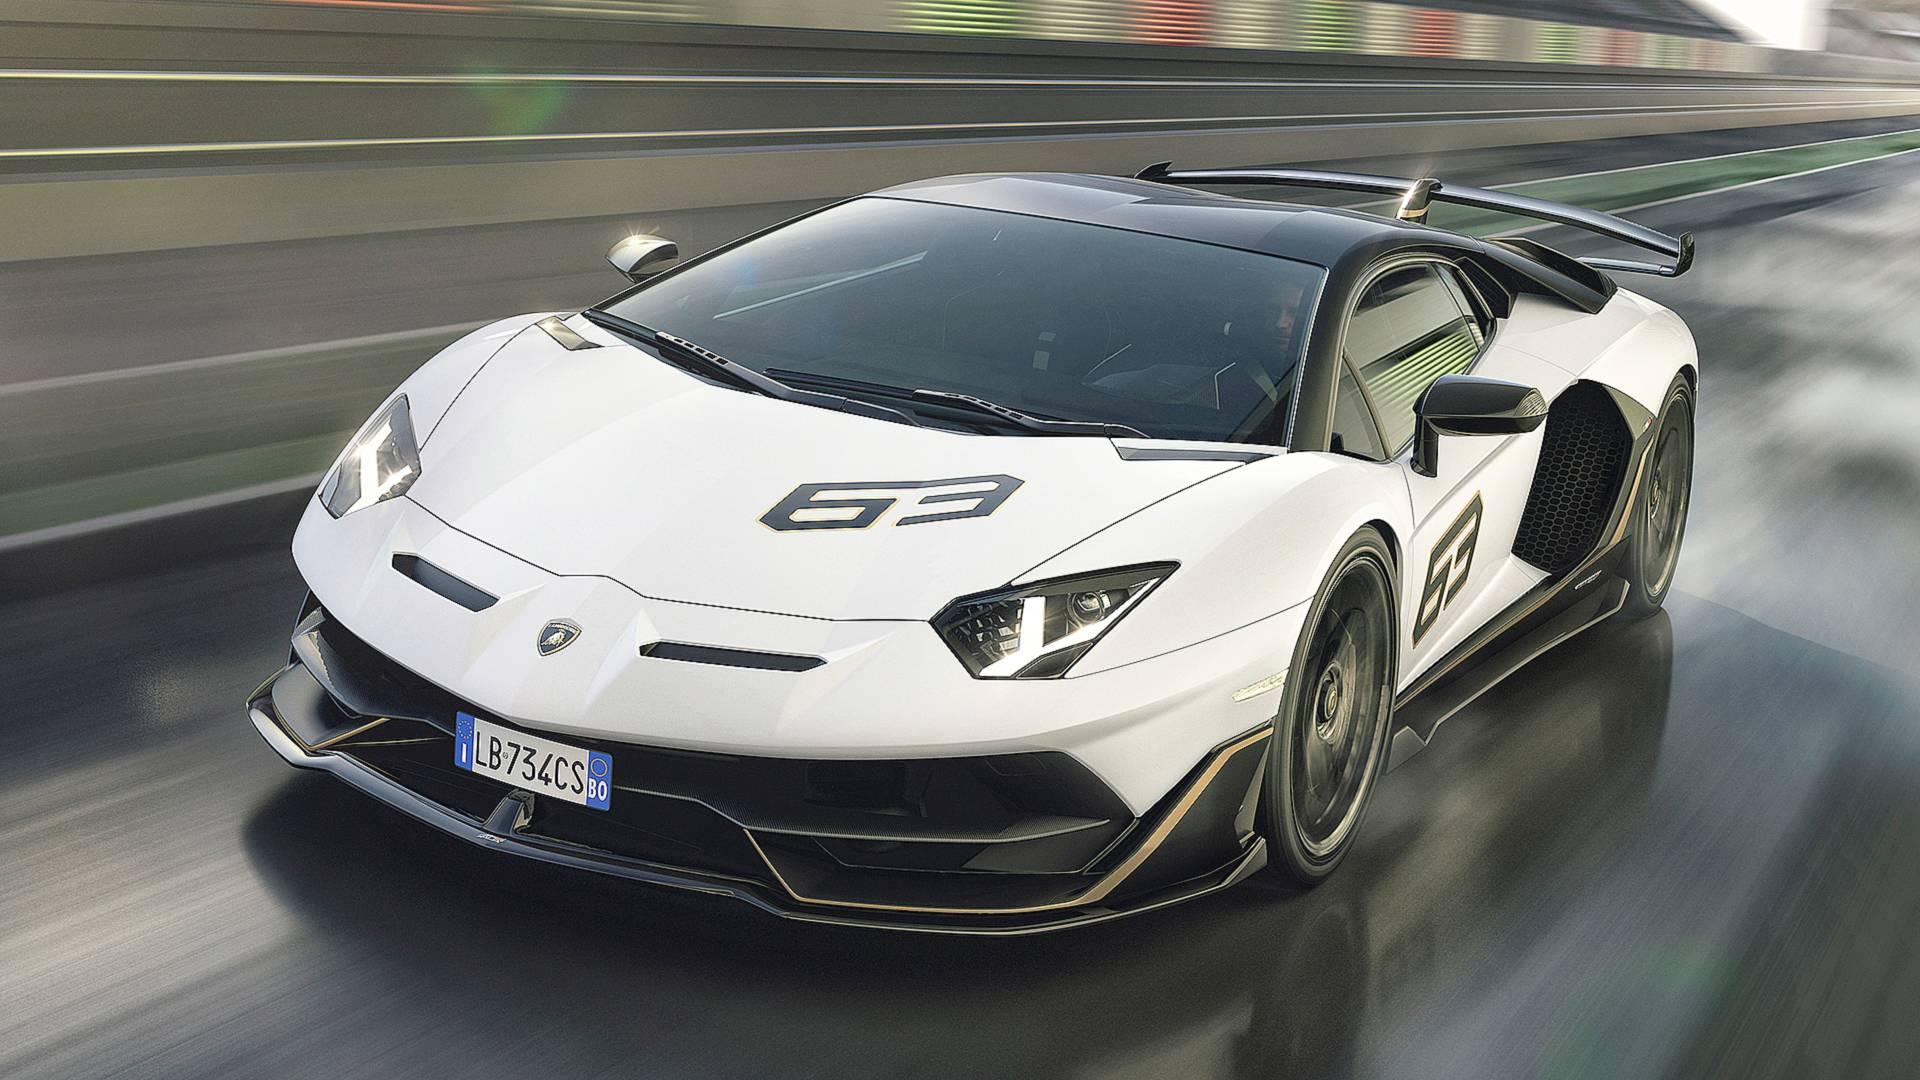 Lamborghini giới thiệu Aventador SVJ mạnh 770 mã lực, giá gần 518.000 USD, sản xuất 900 chiếc